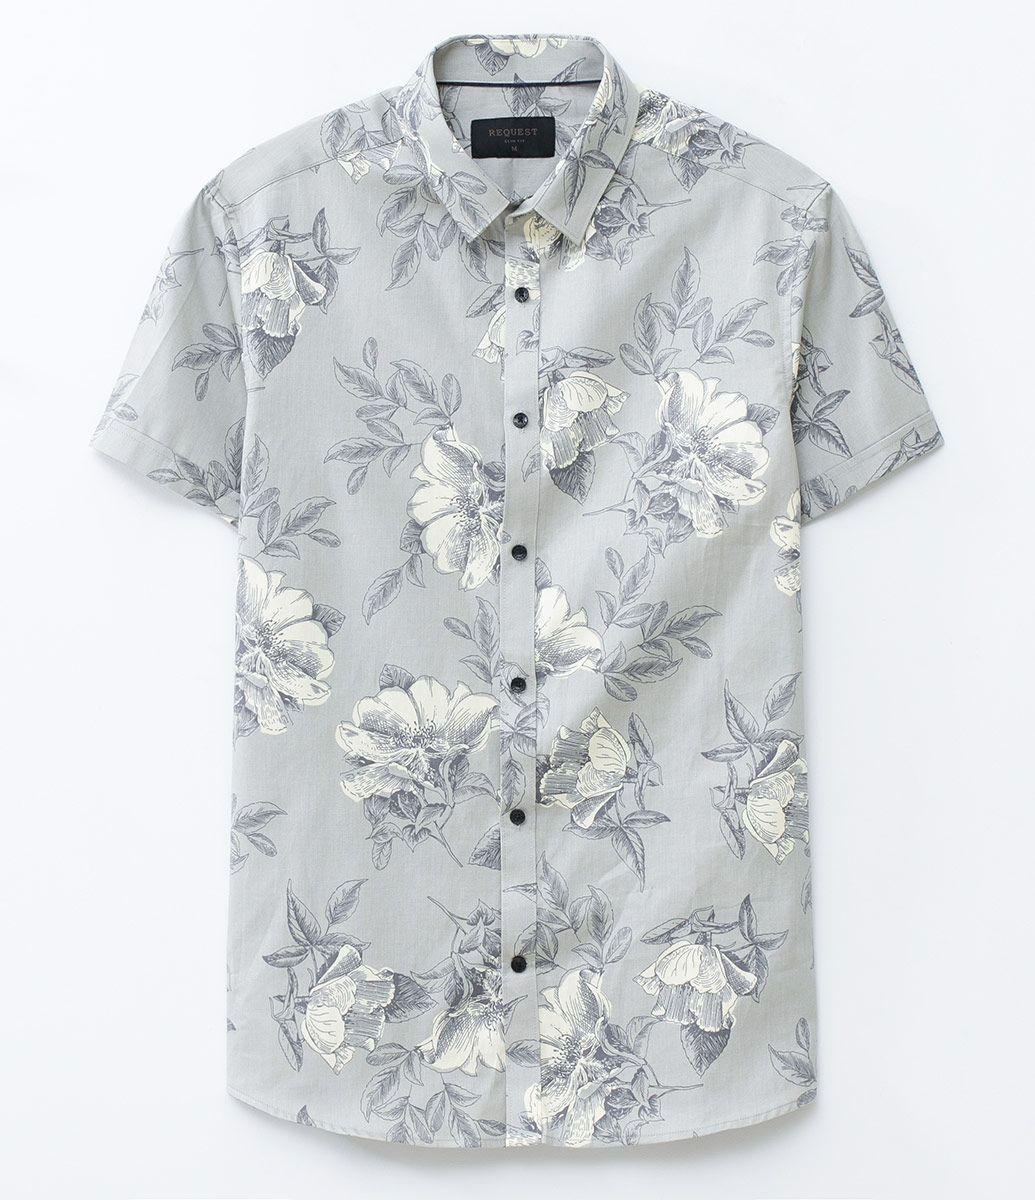 16978d988 Camisa masculina Modelo slim Manga curta Floral Marca  Request Tecido   tricoline Composição  100% algodão Modelo veste tamanho  M Medidas do  modelo  Altura  ...